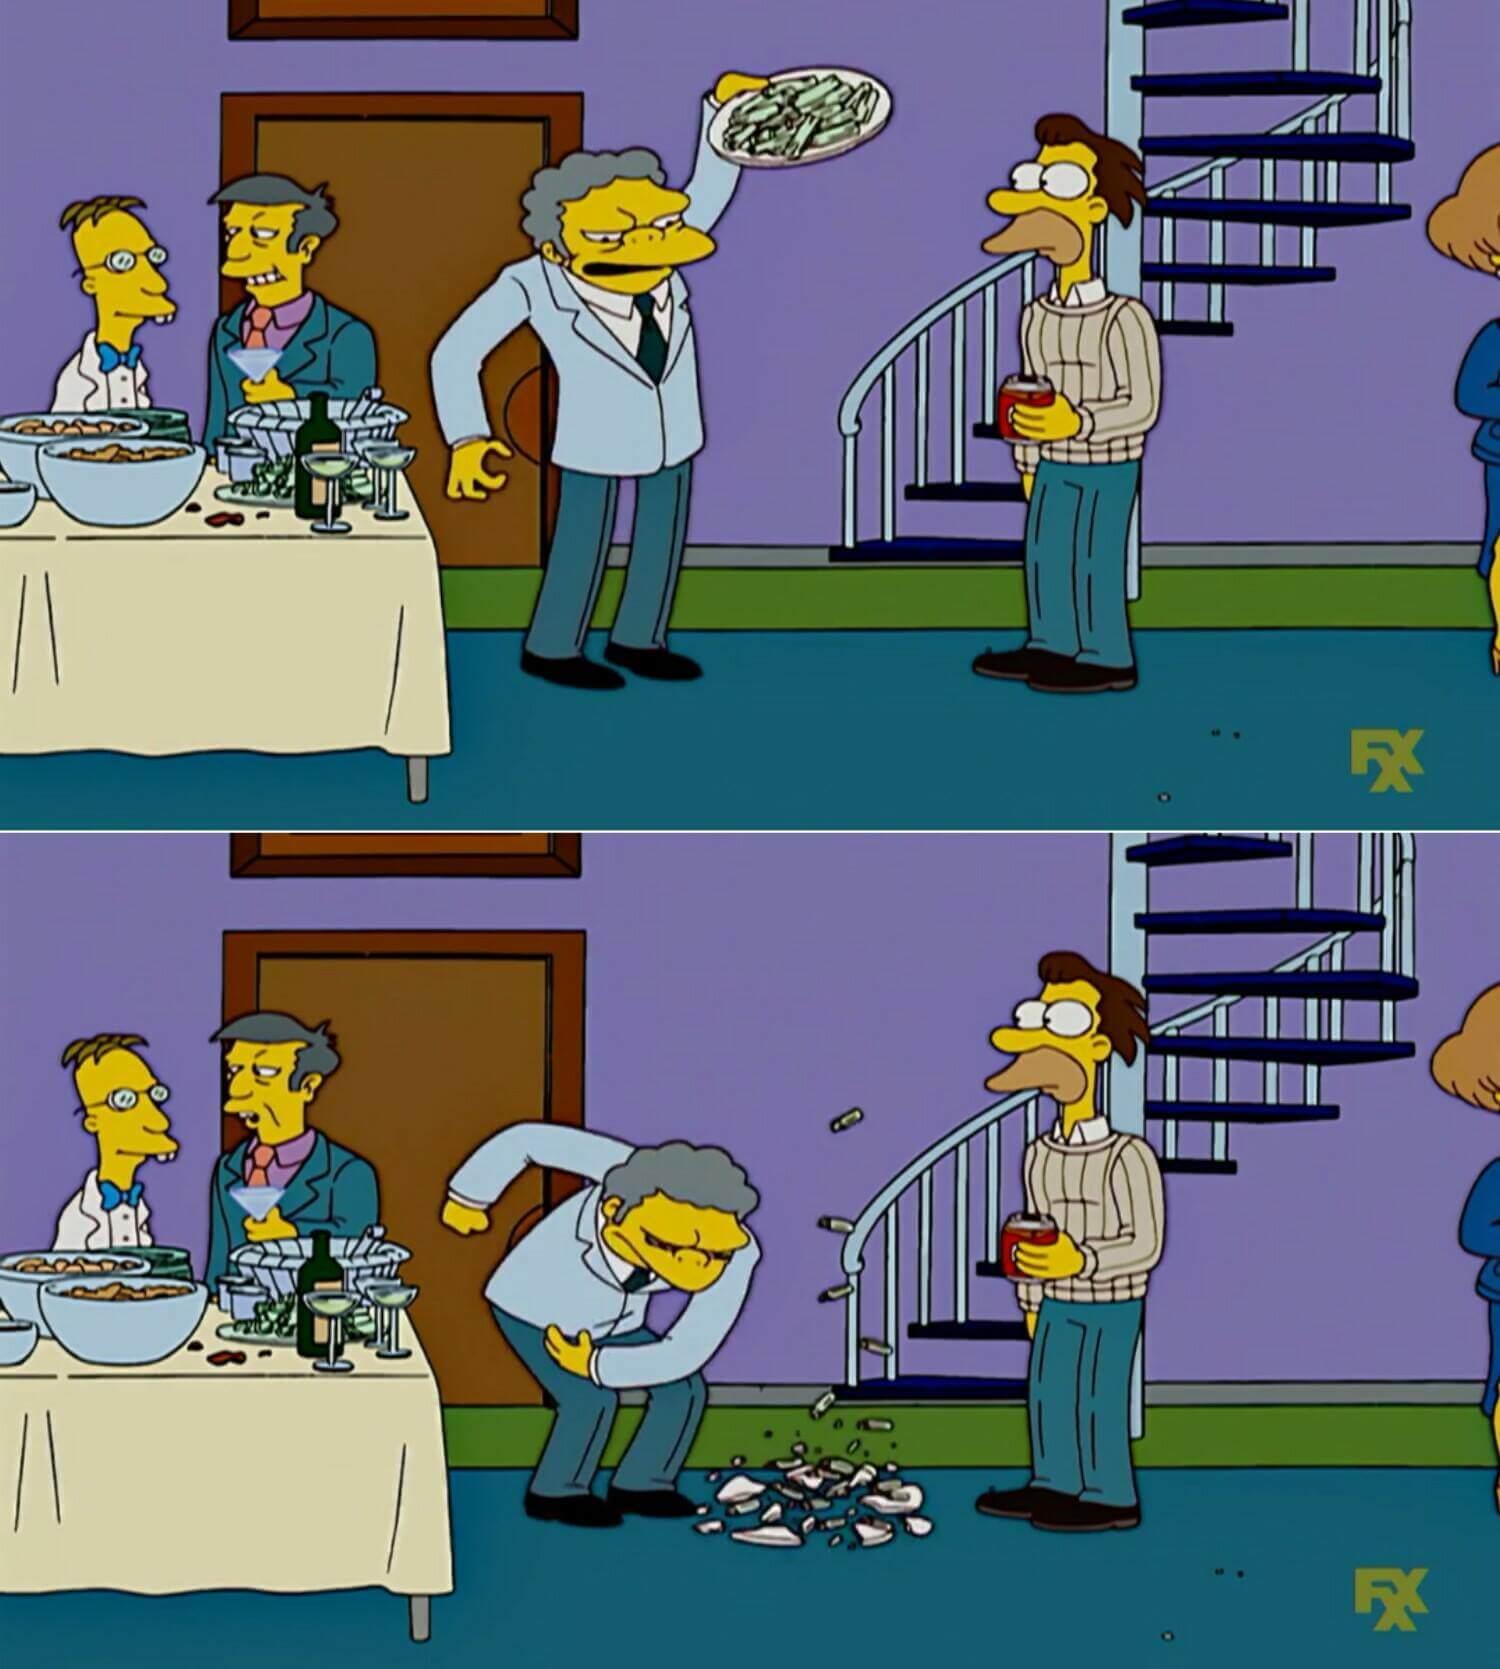 Plantilla de Moe tirando un plato al piso | La concha de su madre